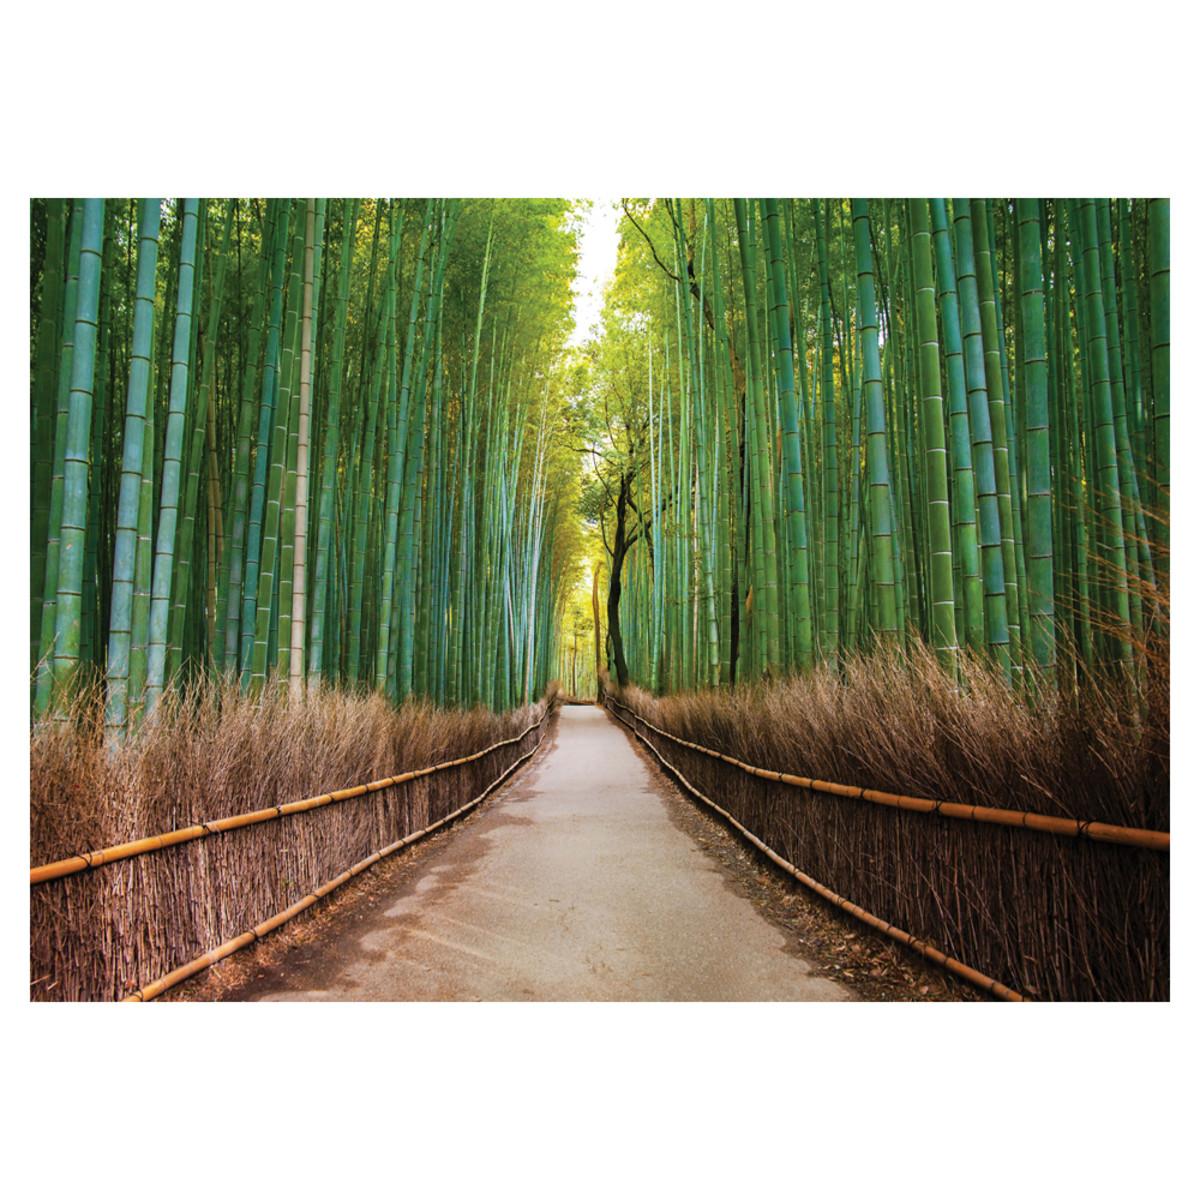 Фотообои флизелиновые «Бамбуковый лес» 360х254 см